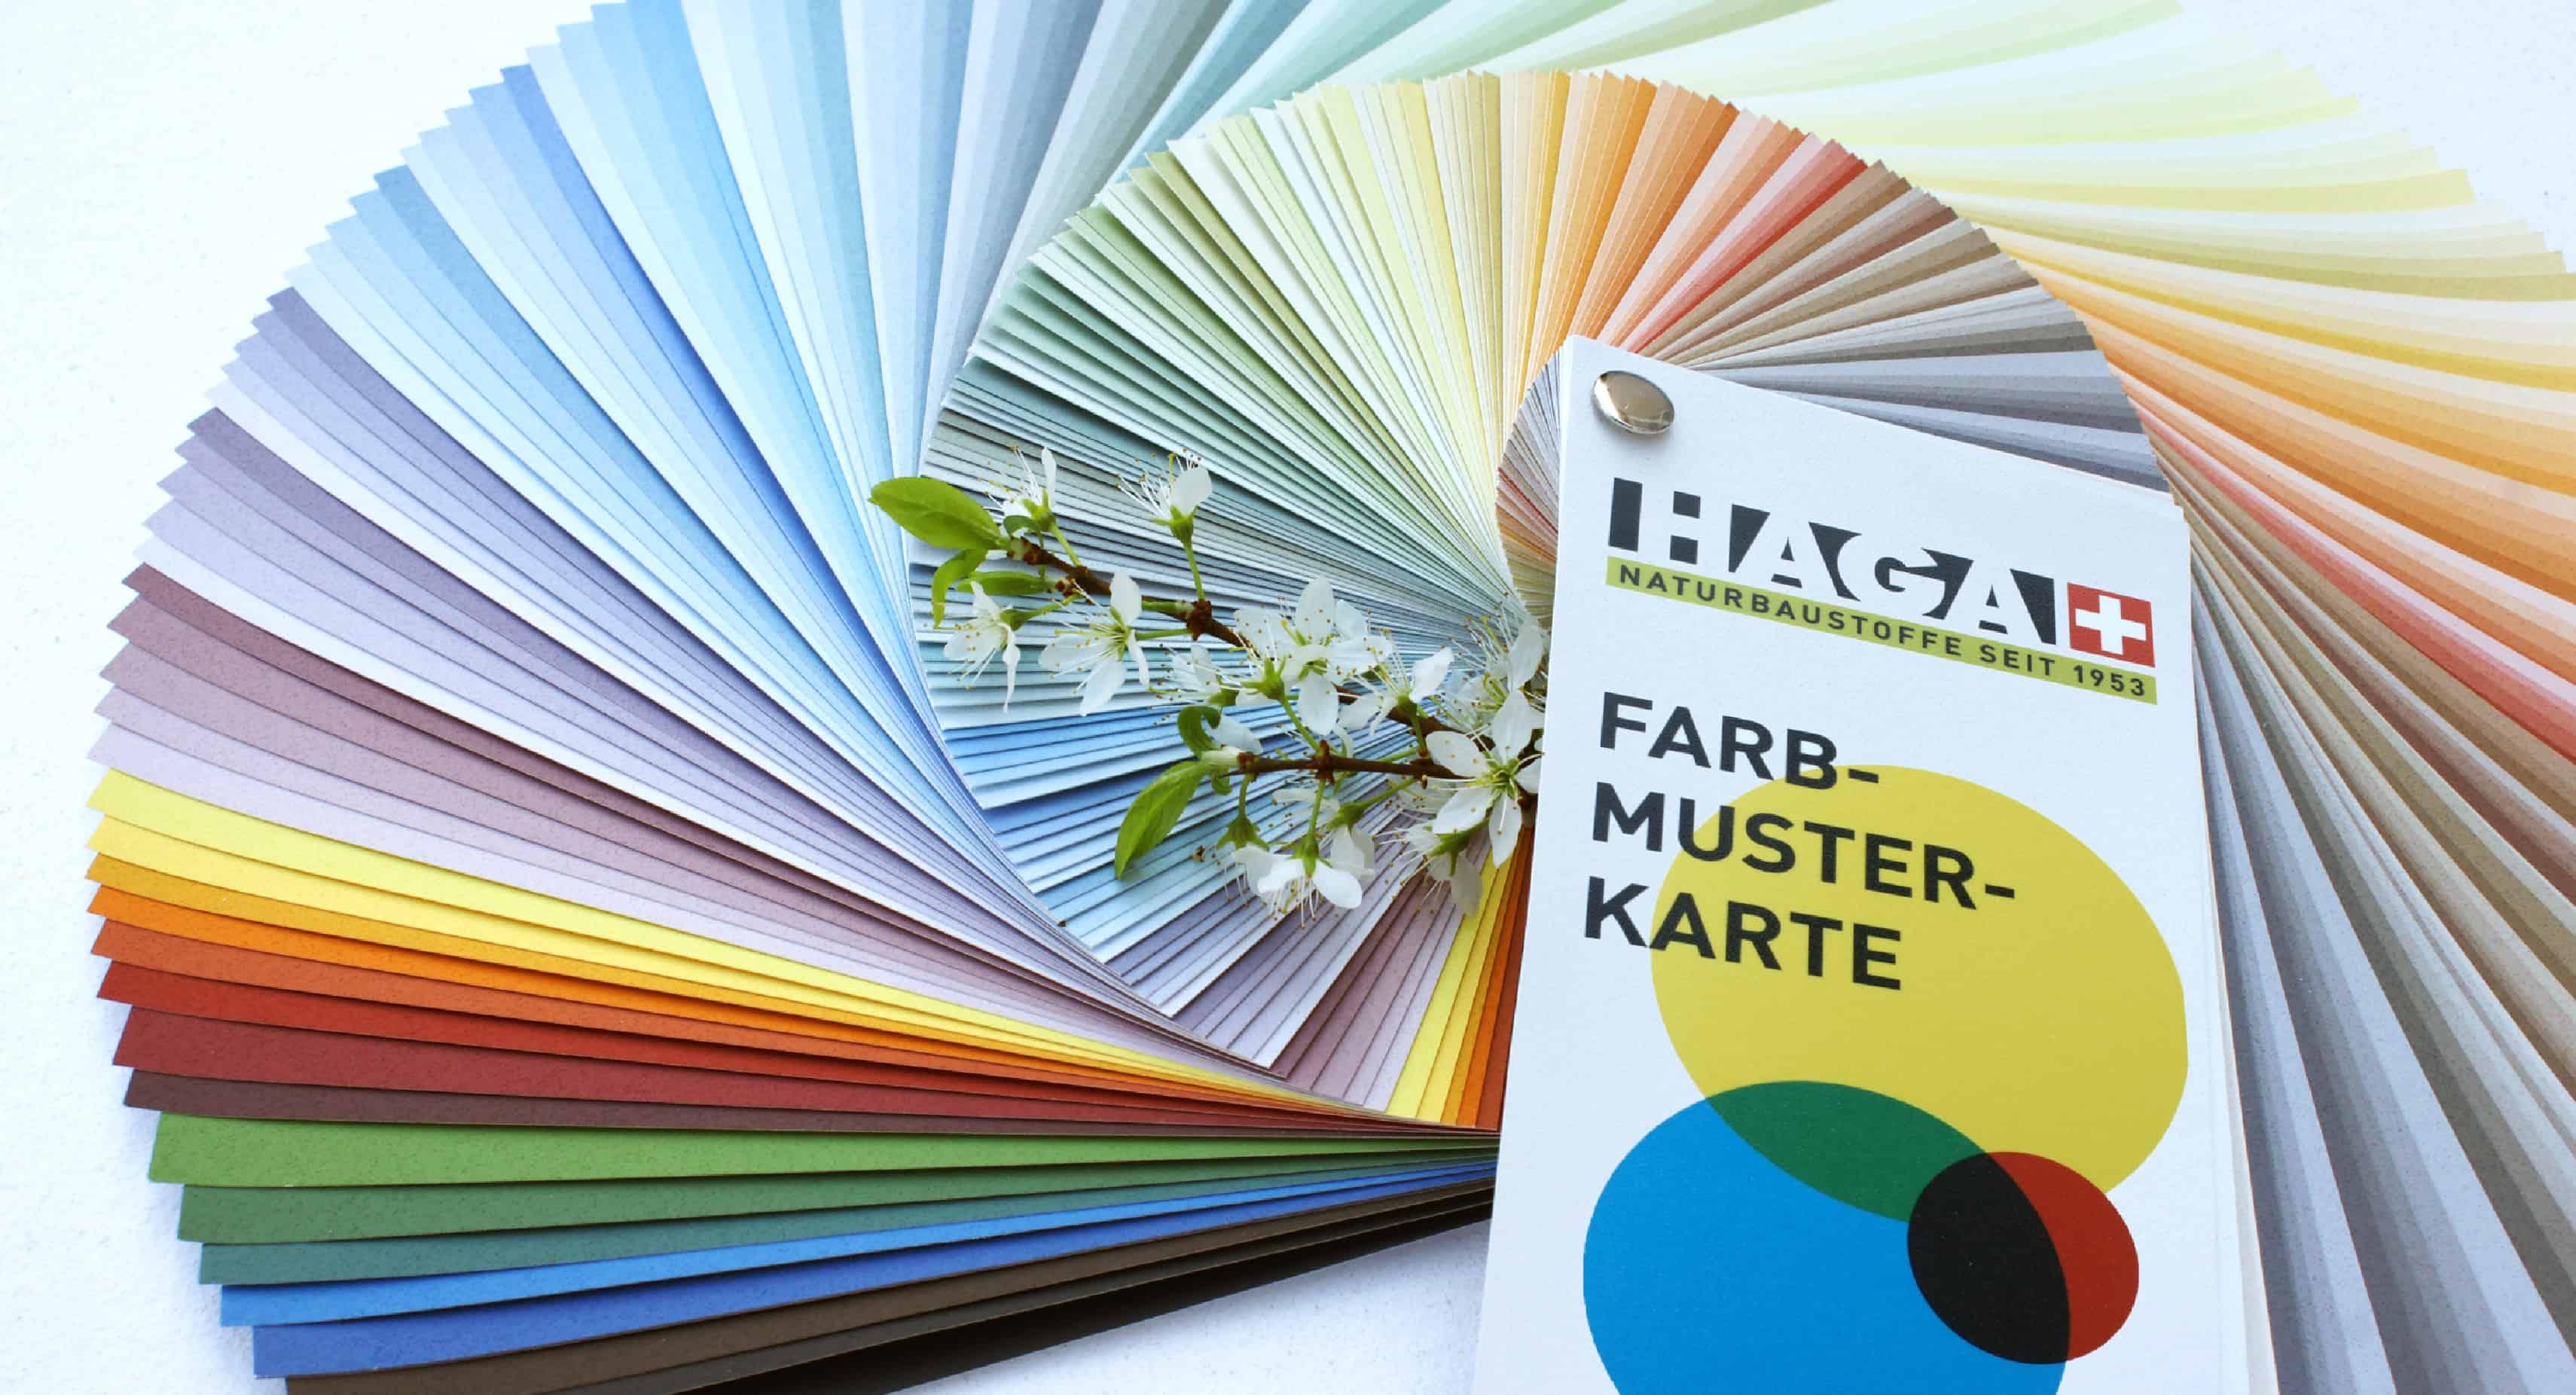 neue trendfarben für die wandgestaltung | haga